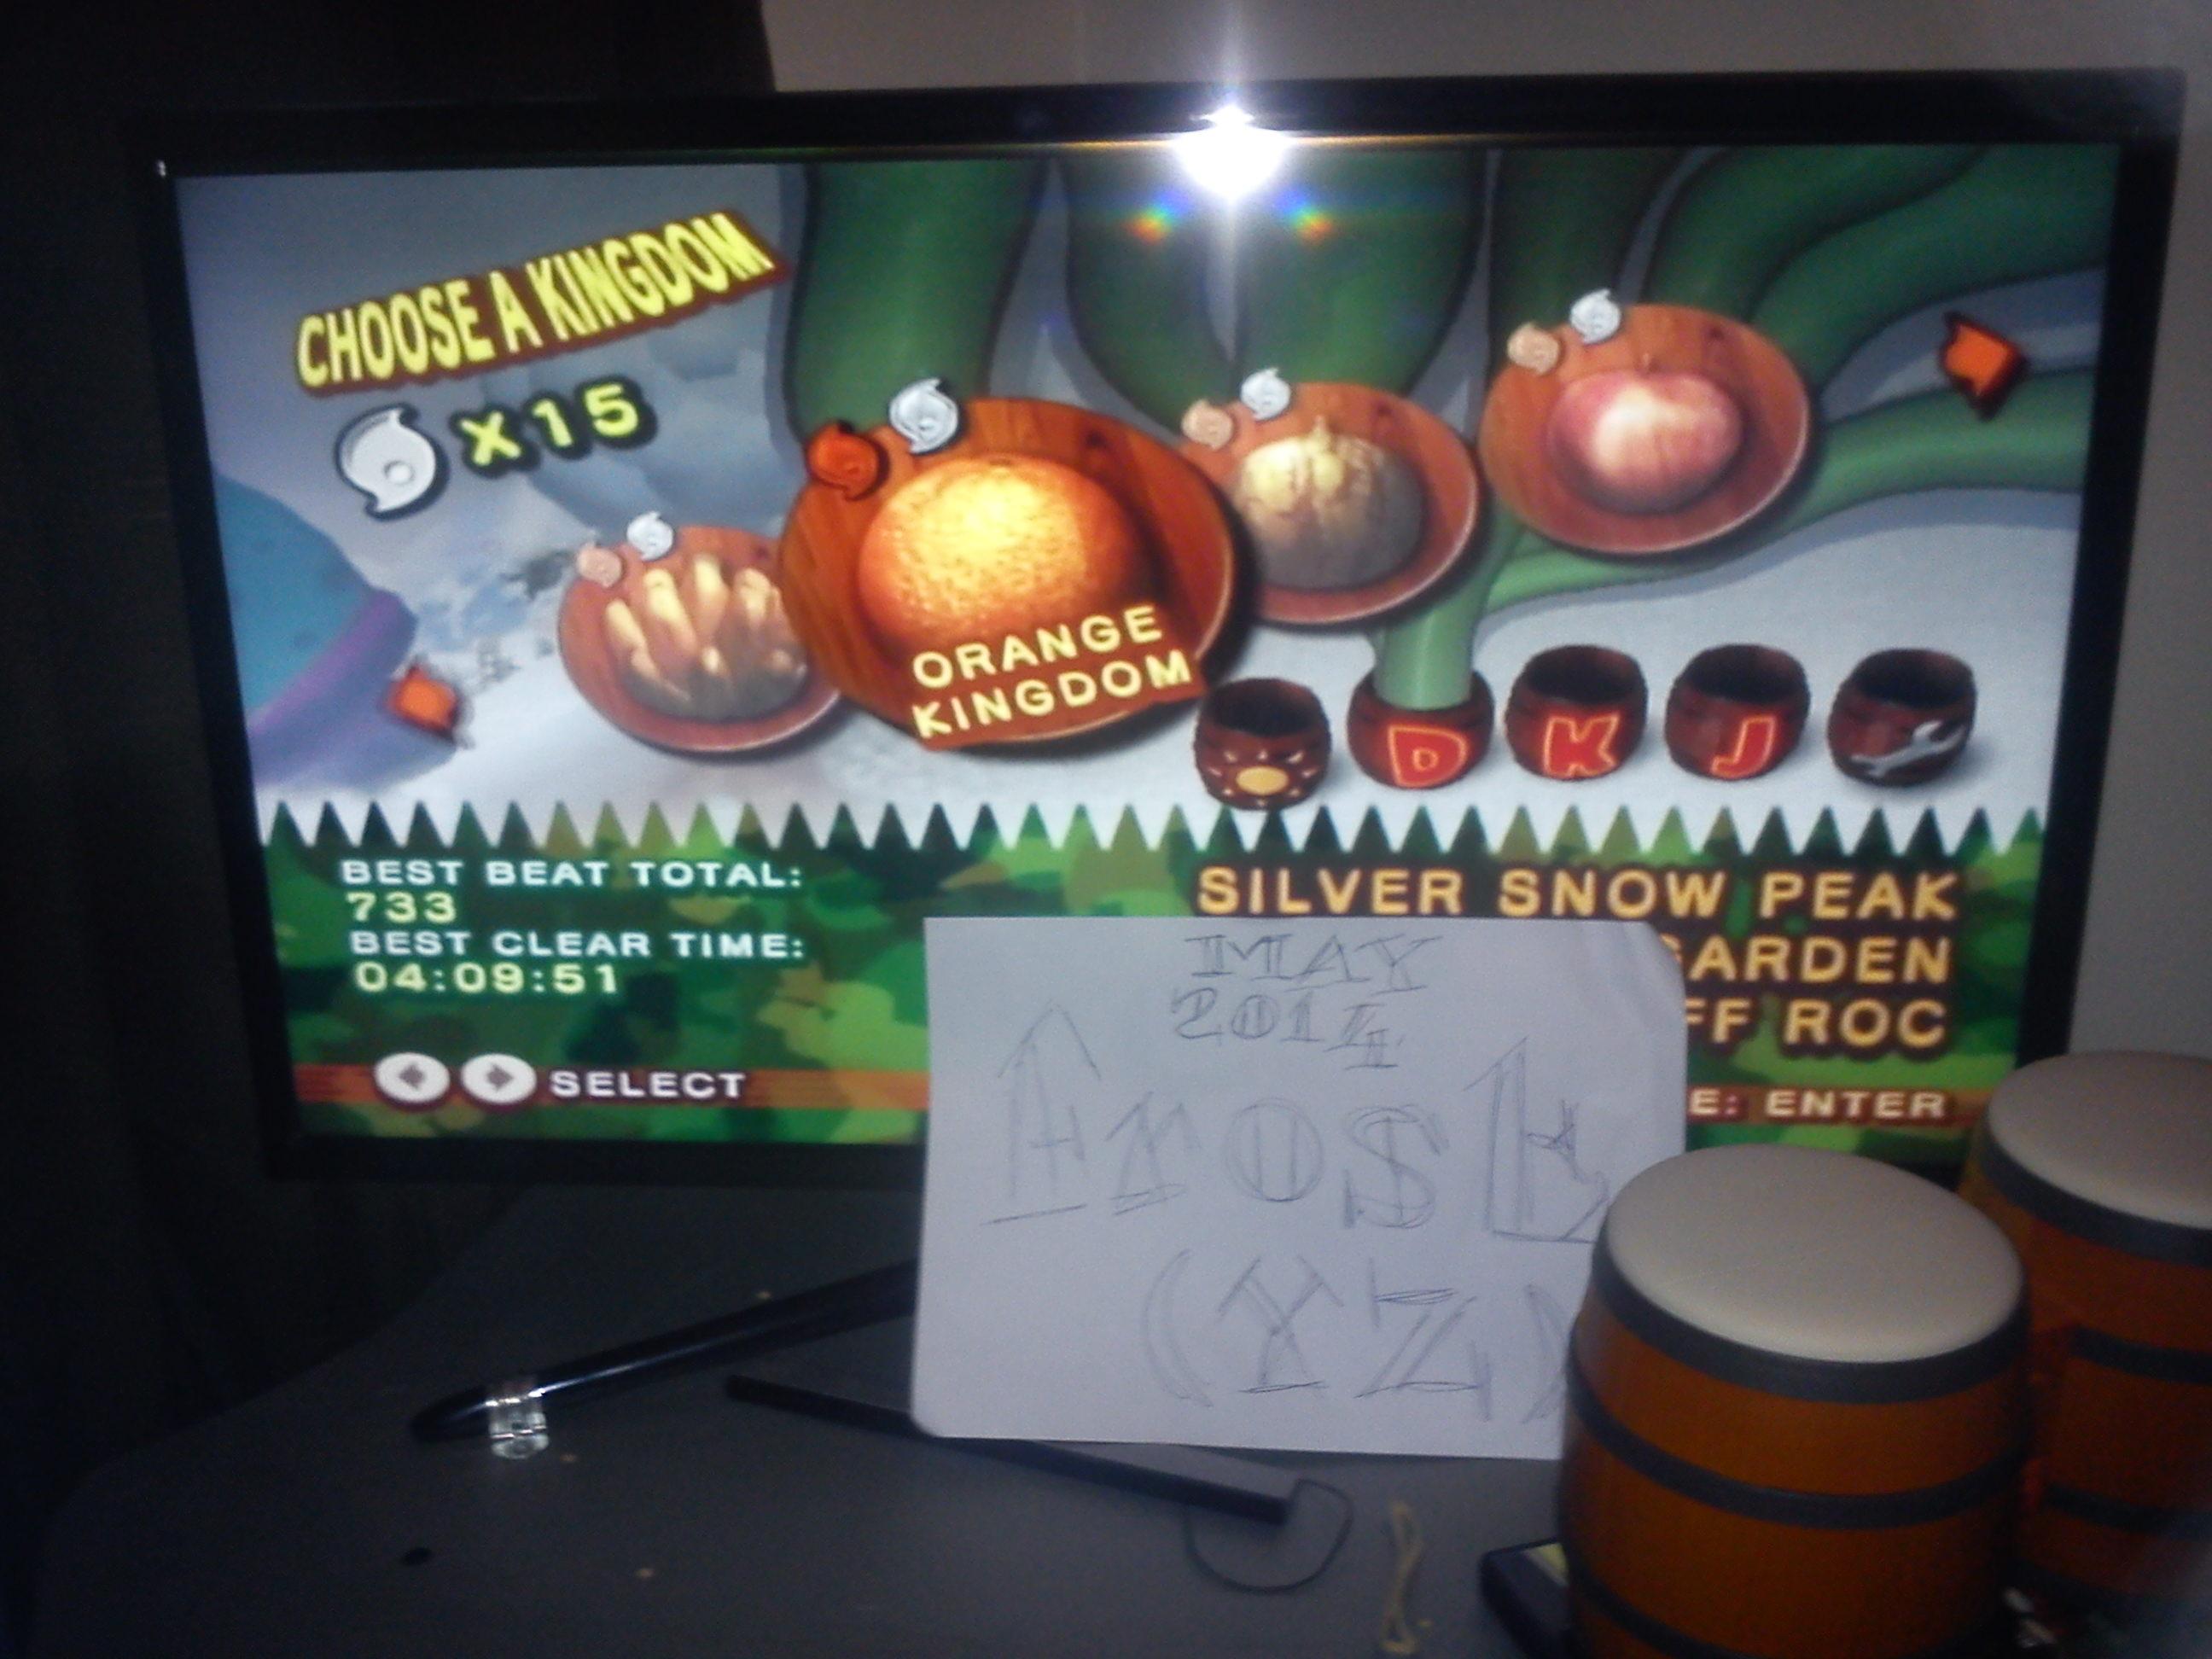 Donkey Kong Jungle Beat: Orange Kingdom 733 points